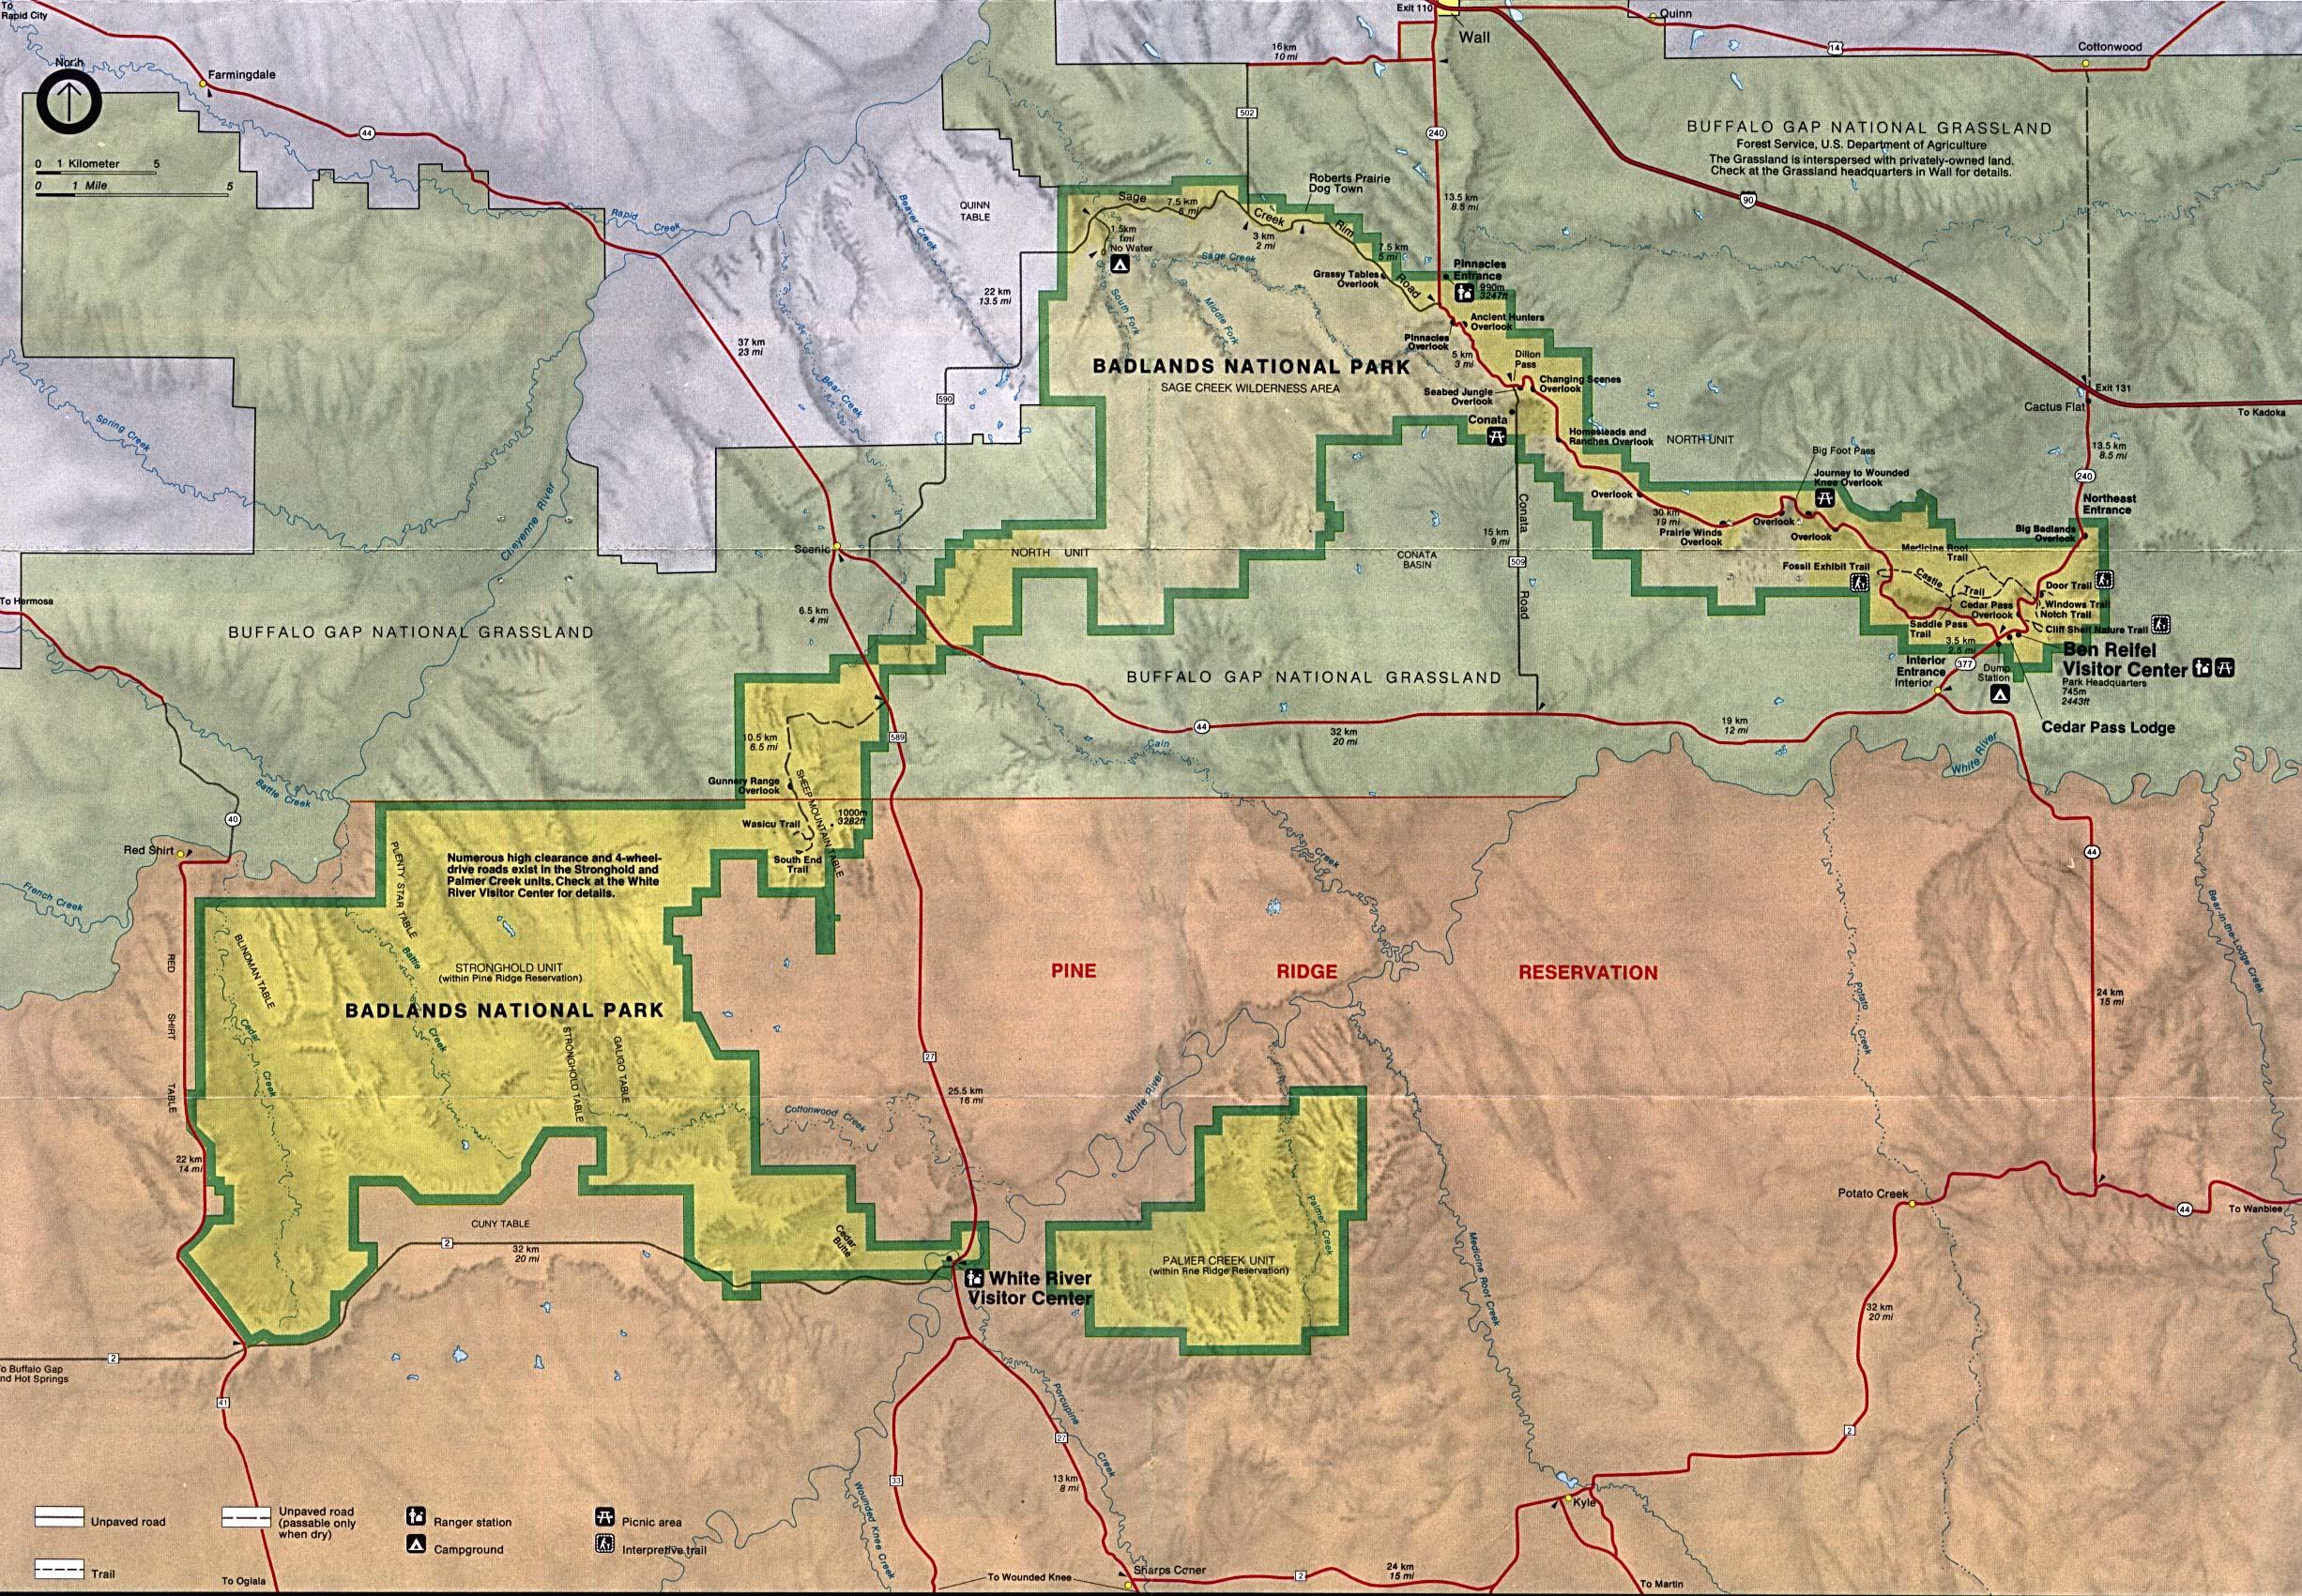 Reisenett Maps of United States National Parks